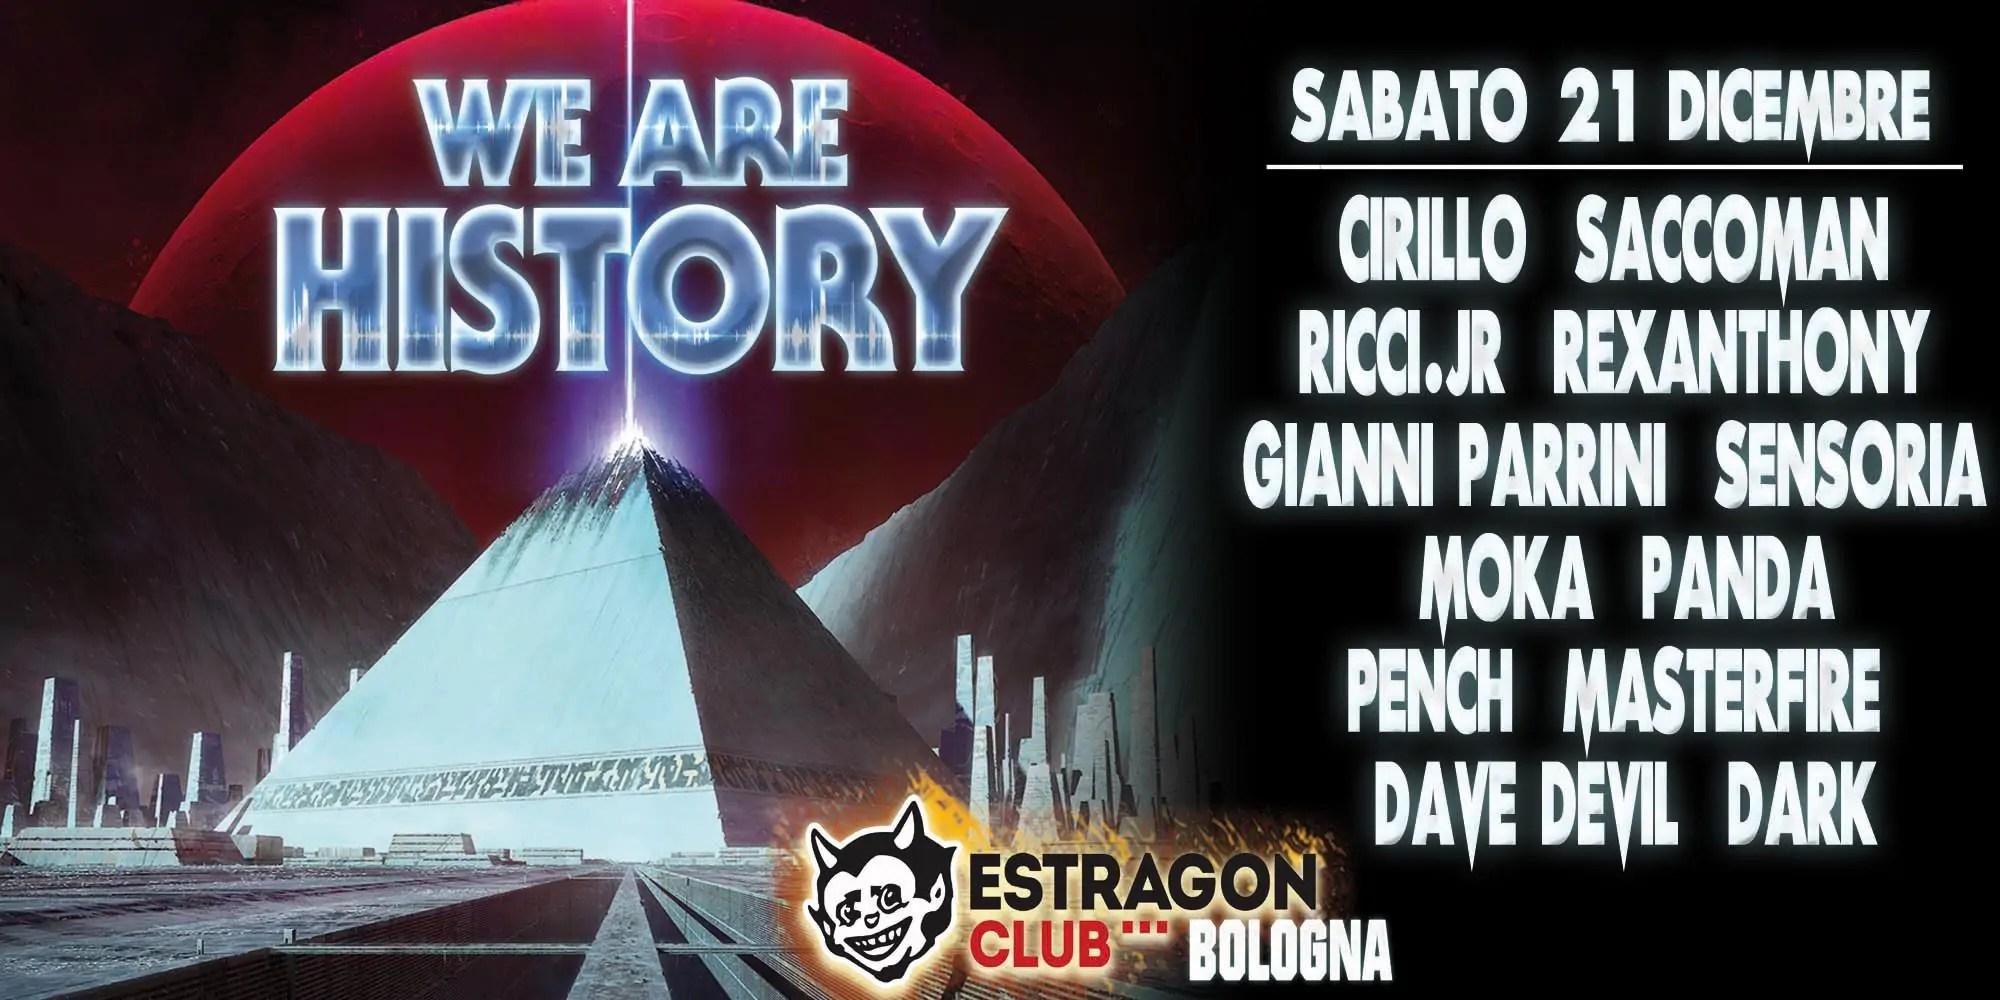 We are History Bologna Estragon Sabato 21 Dicembre 2019 | Ticket in Prevendita – Tavoli – Pacchetti Hotel